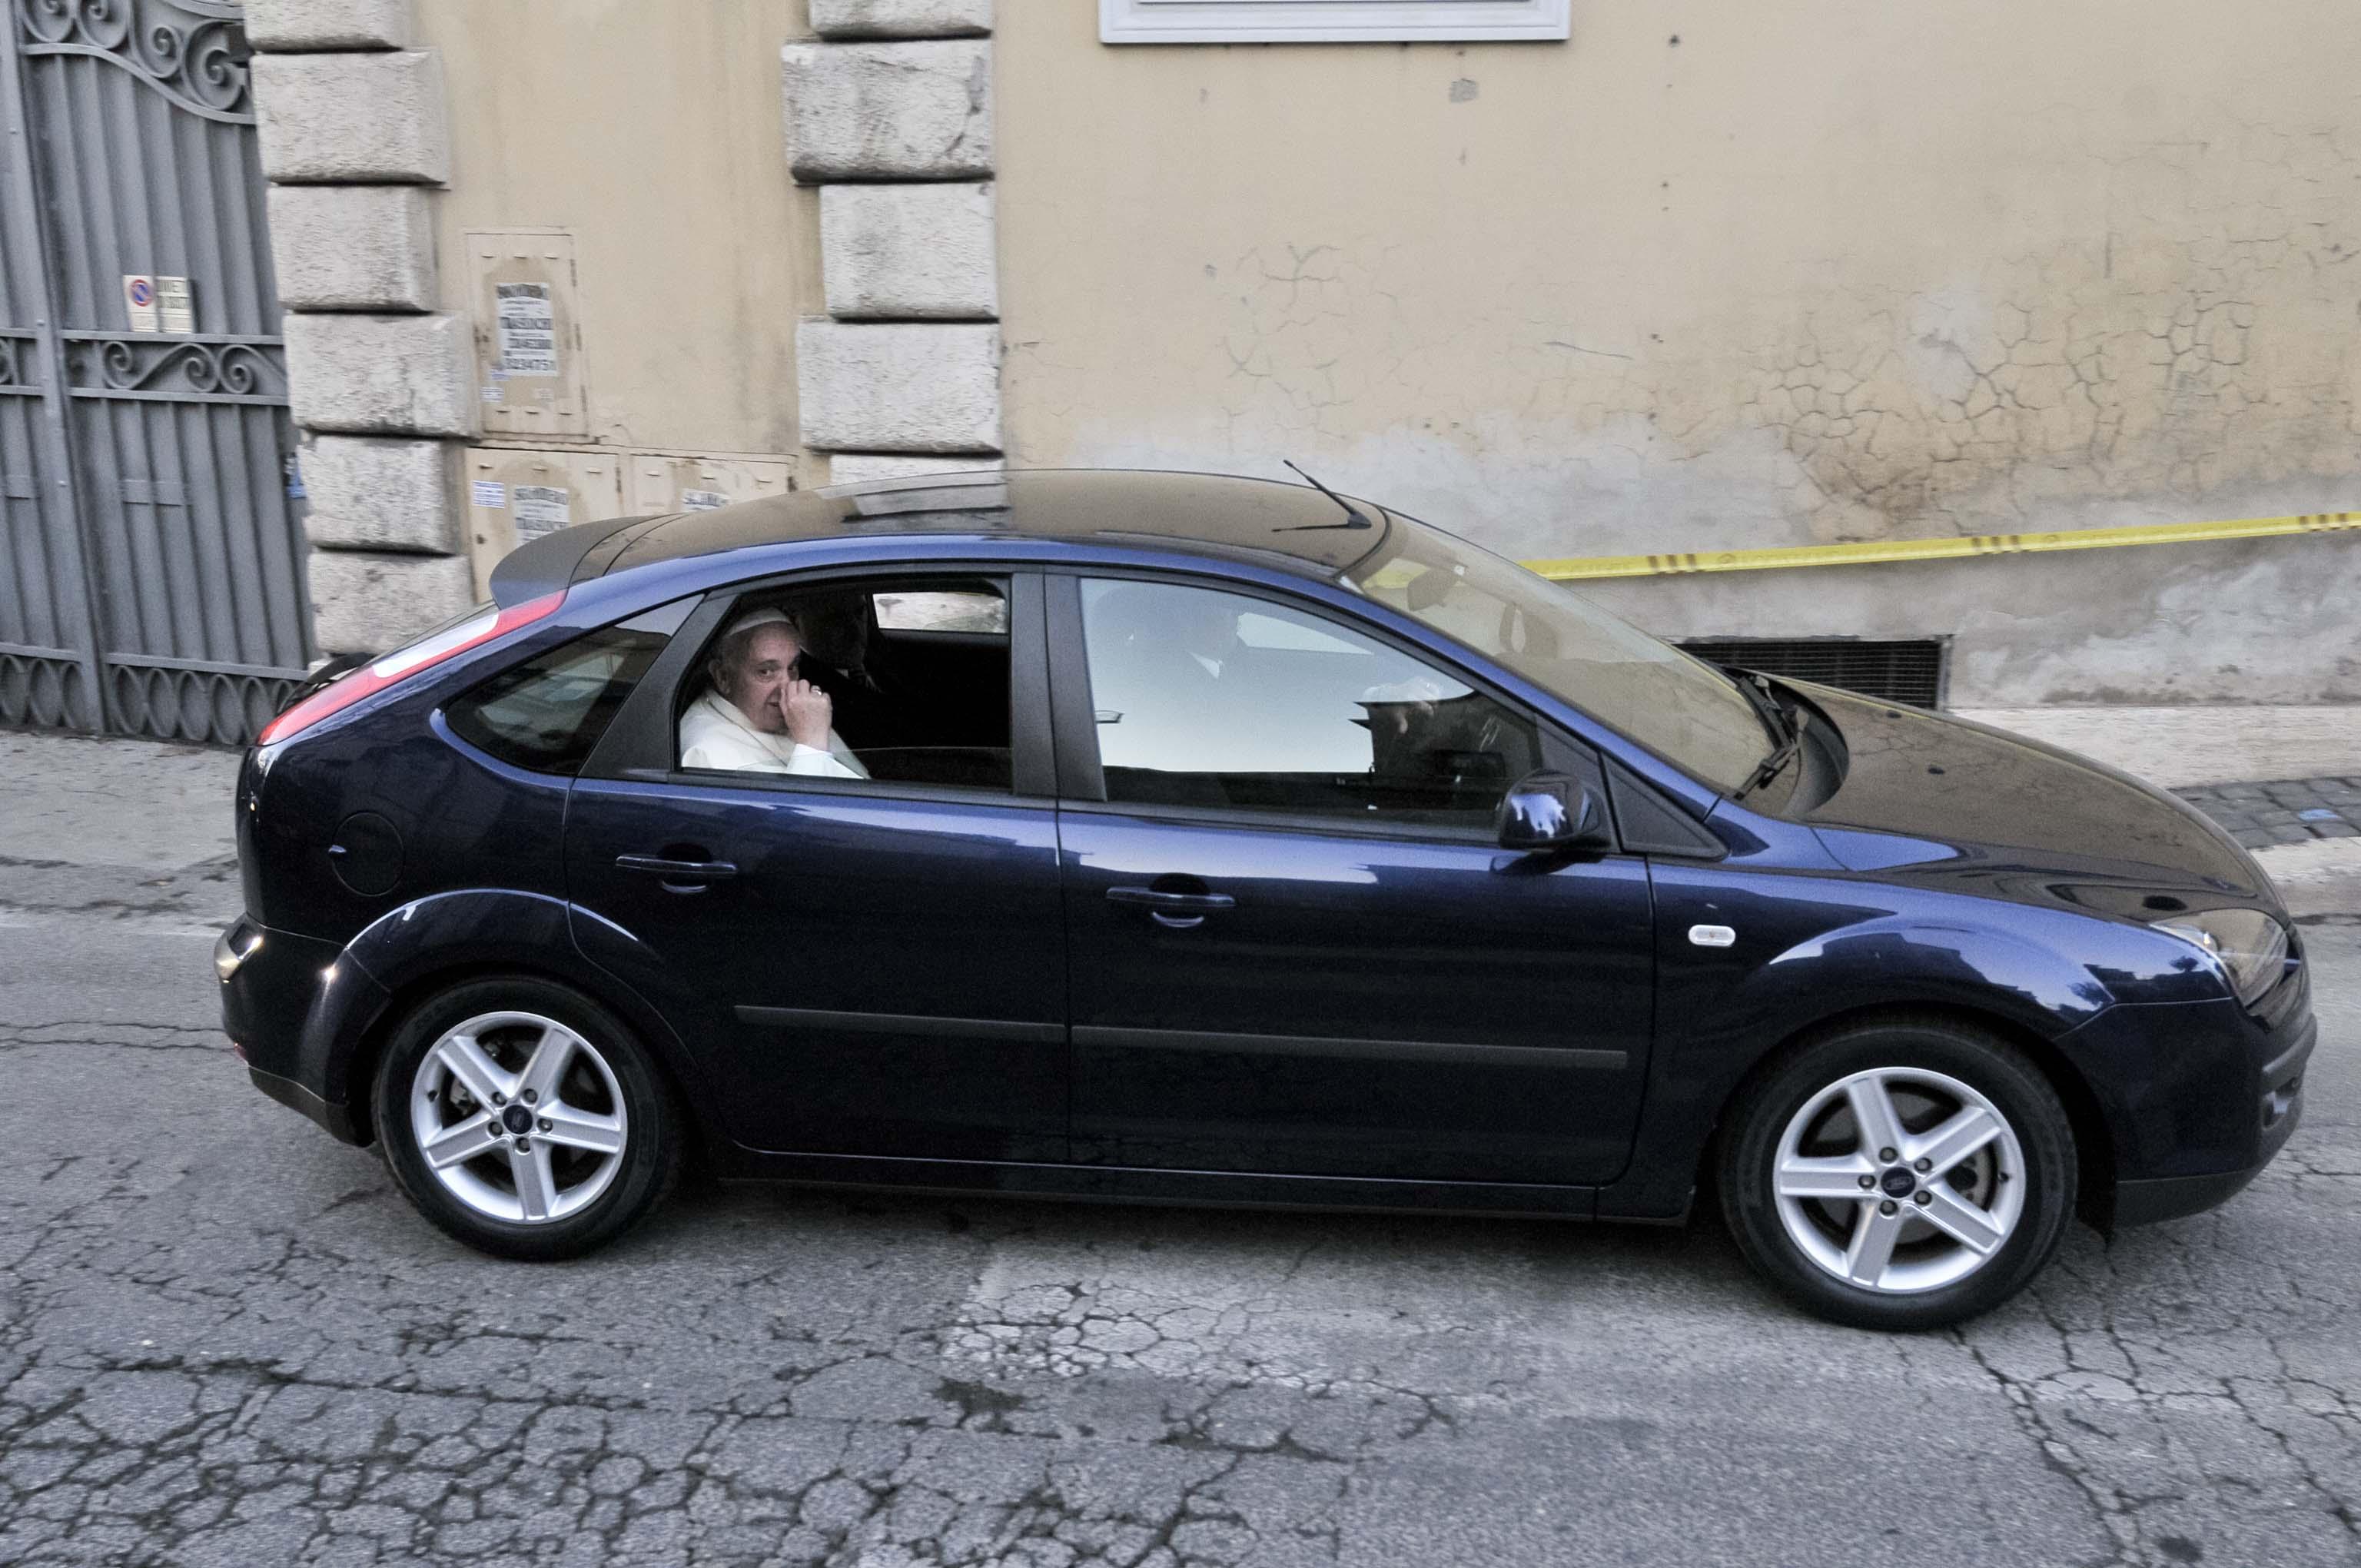 Vaticano la casta dei politici va a messa da papa for Costo del garage di una macchina